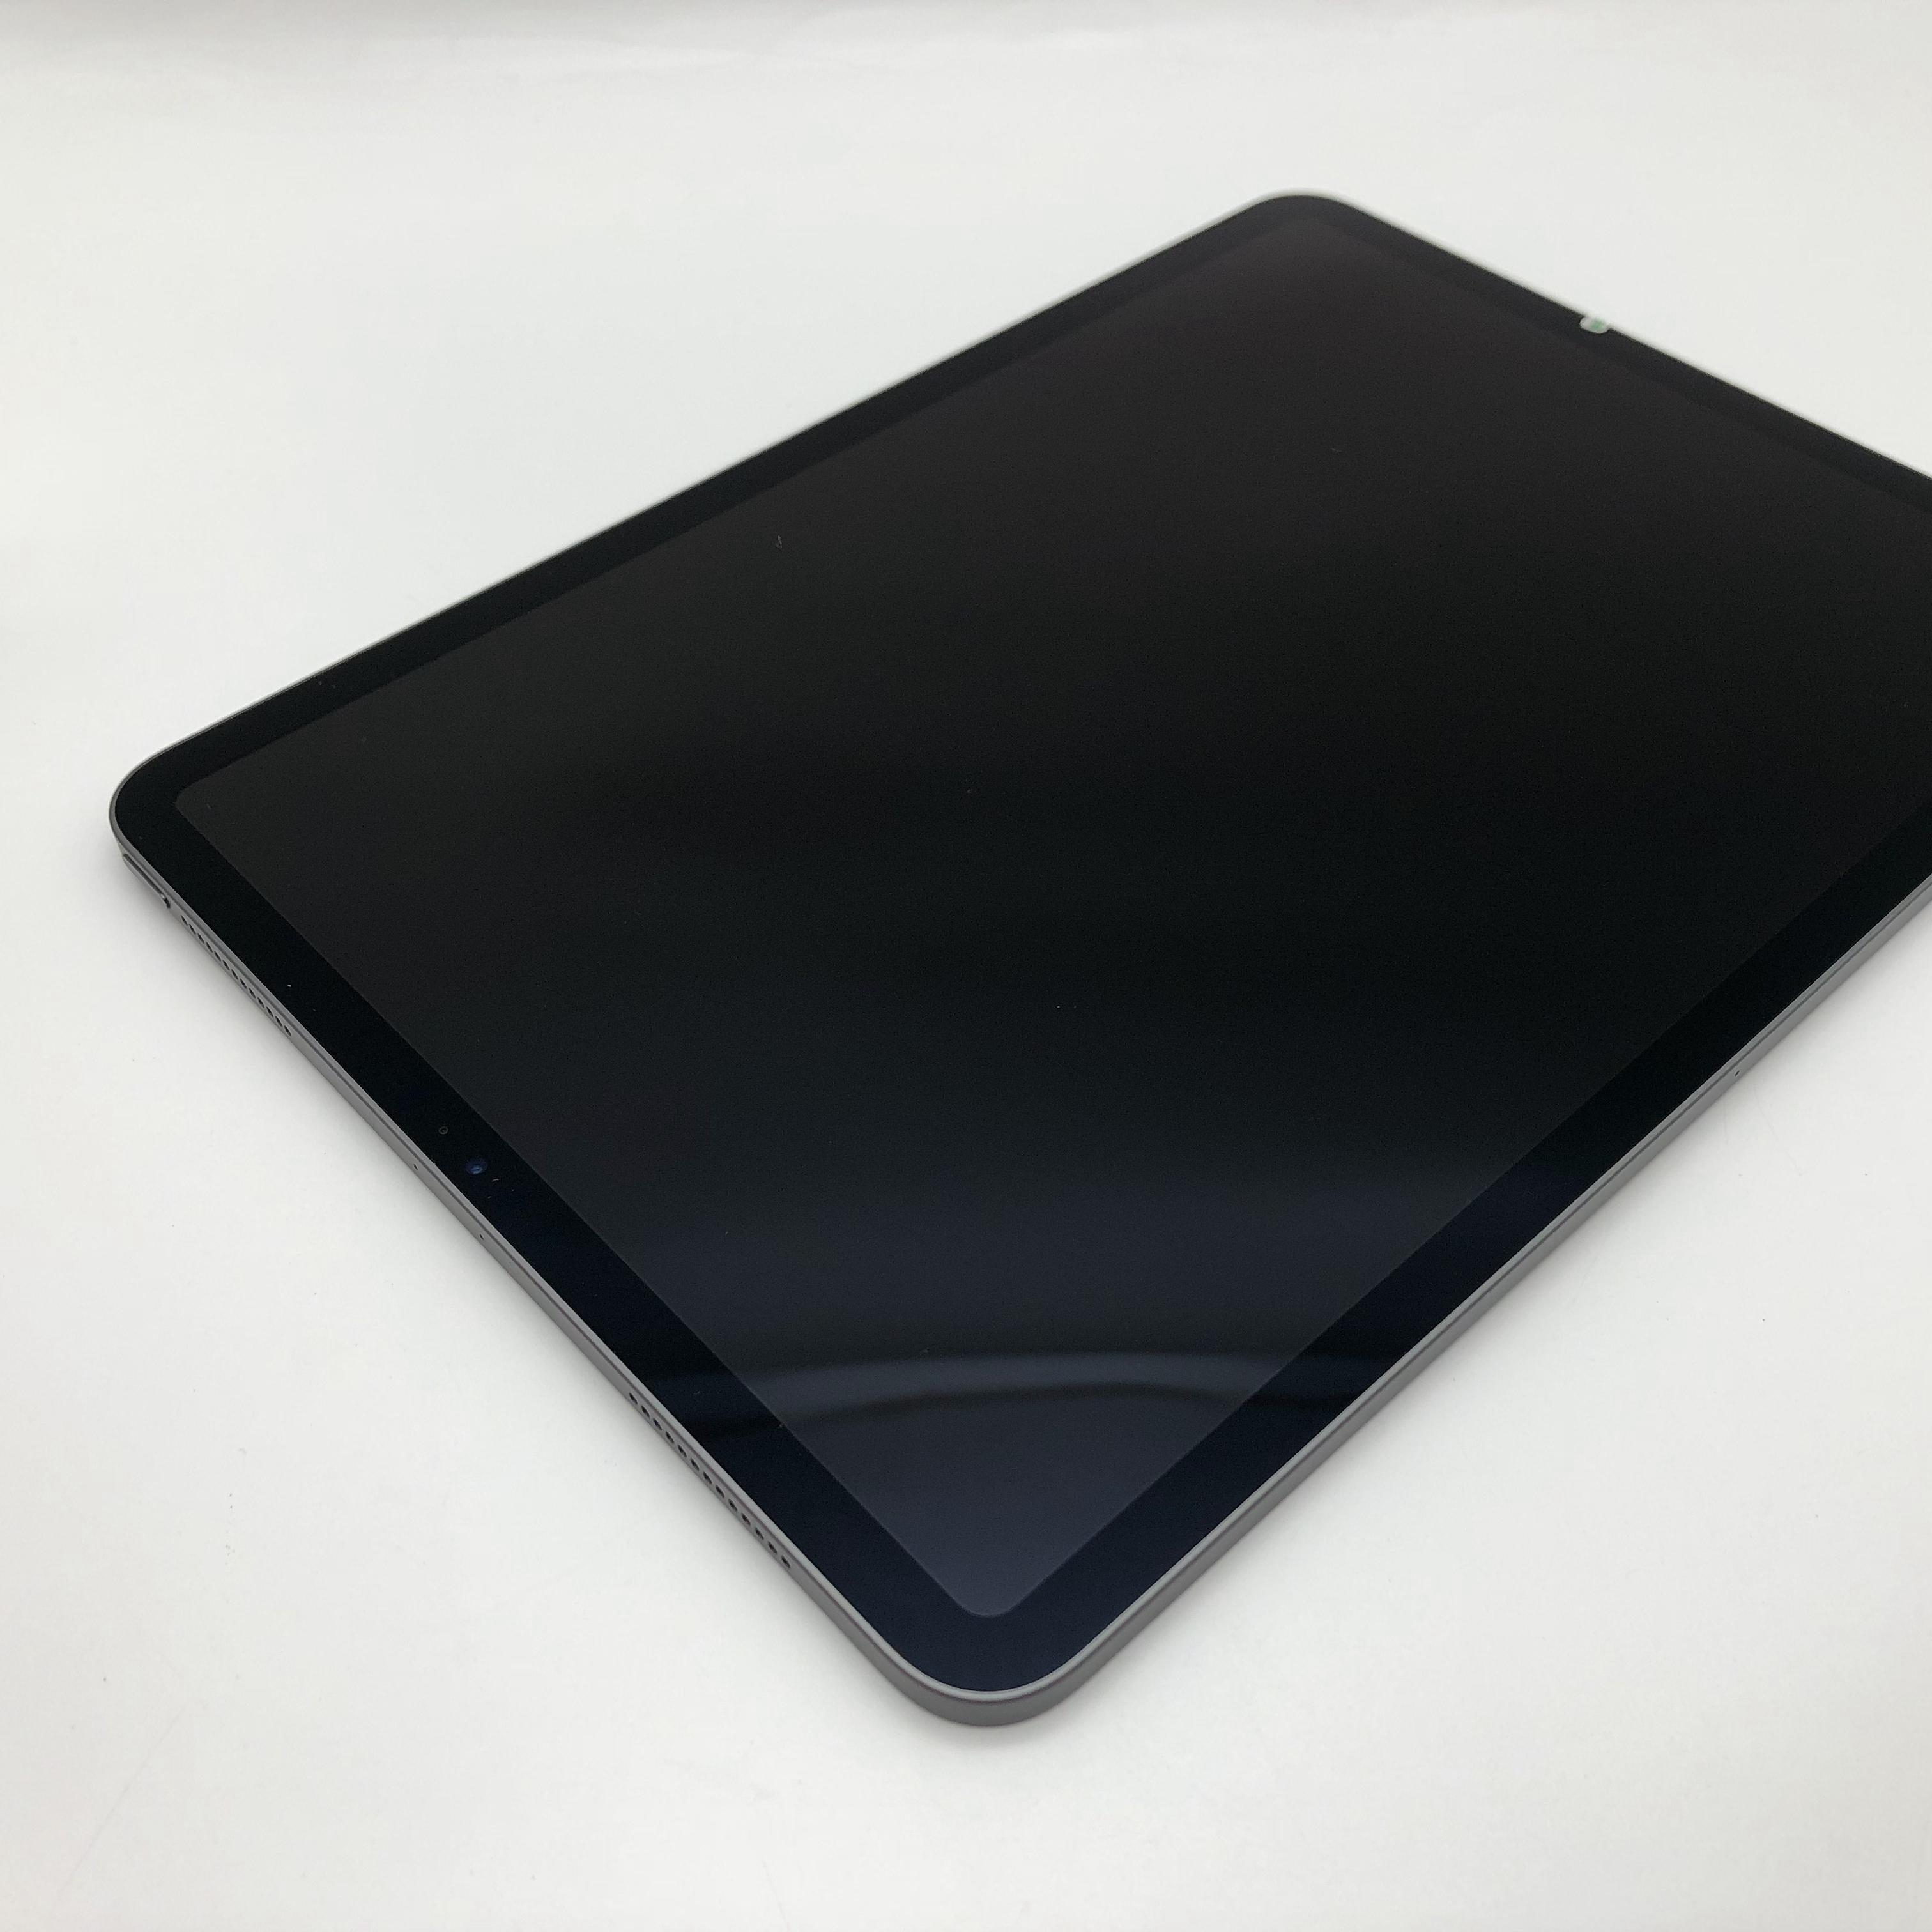 苹果【iPad Pro 11英寸  20款】WIFI版 深空灰 128G 国行 95新 真机实拍官保2021-09-25